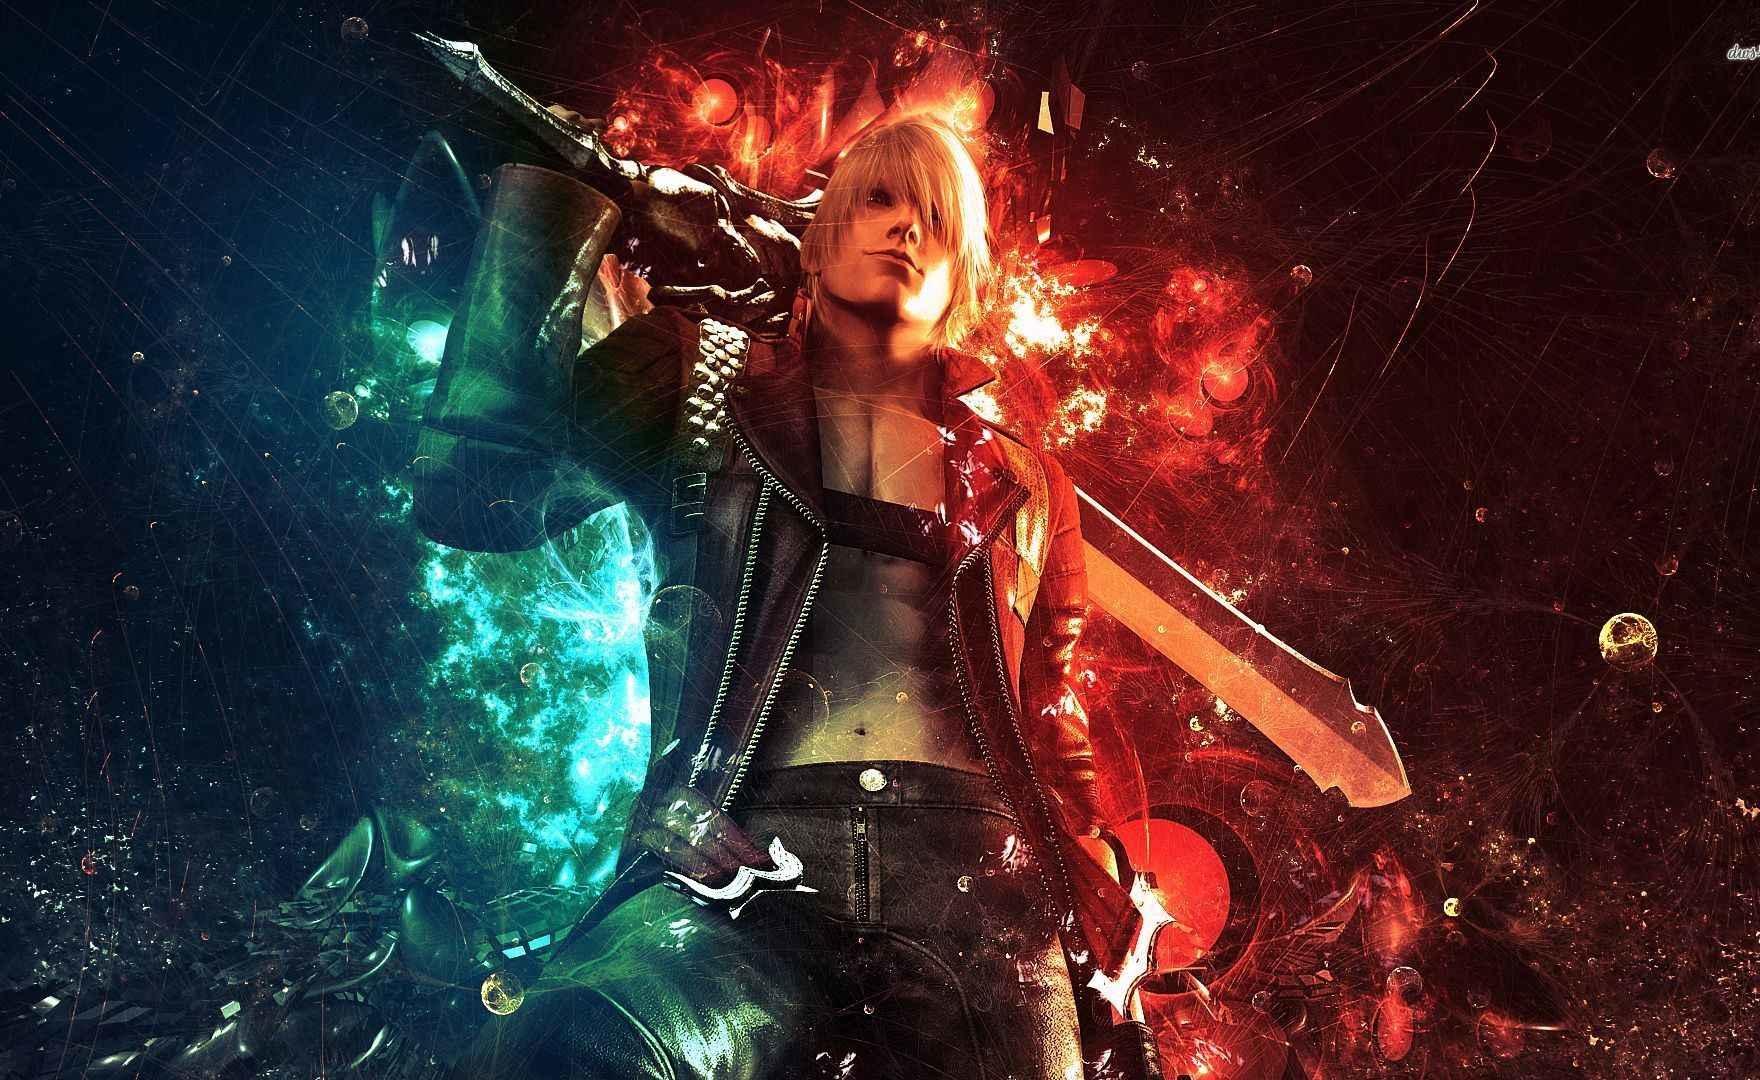 Devil May Cry: la versione mobile del gioco arriverà durante il prossimo 2020